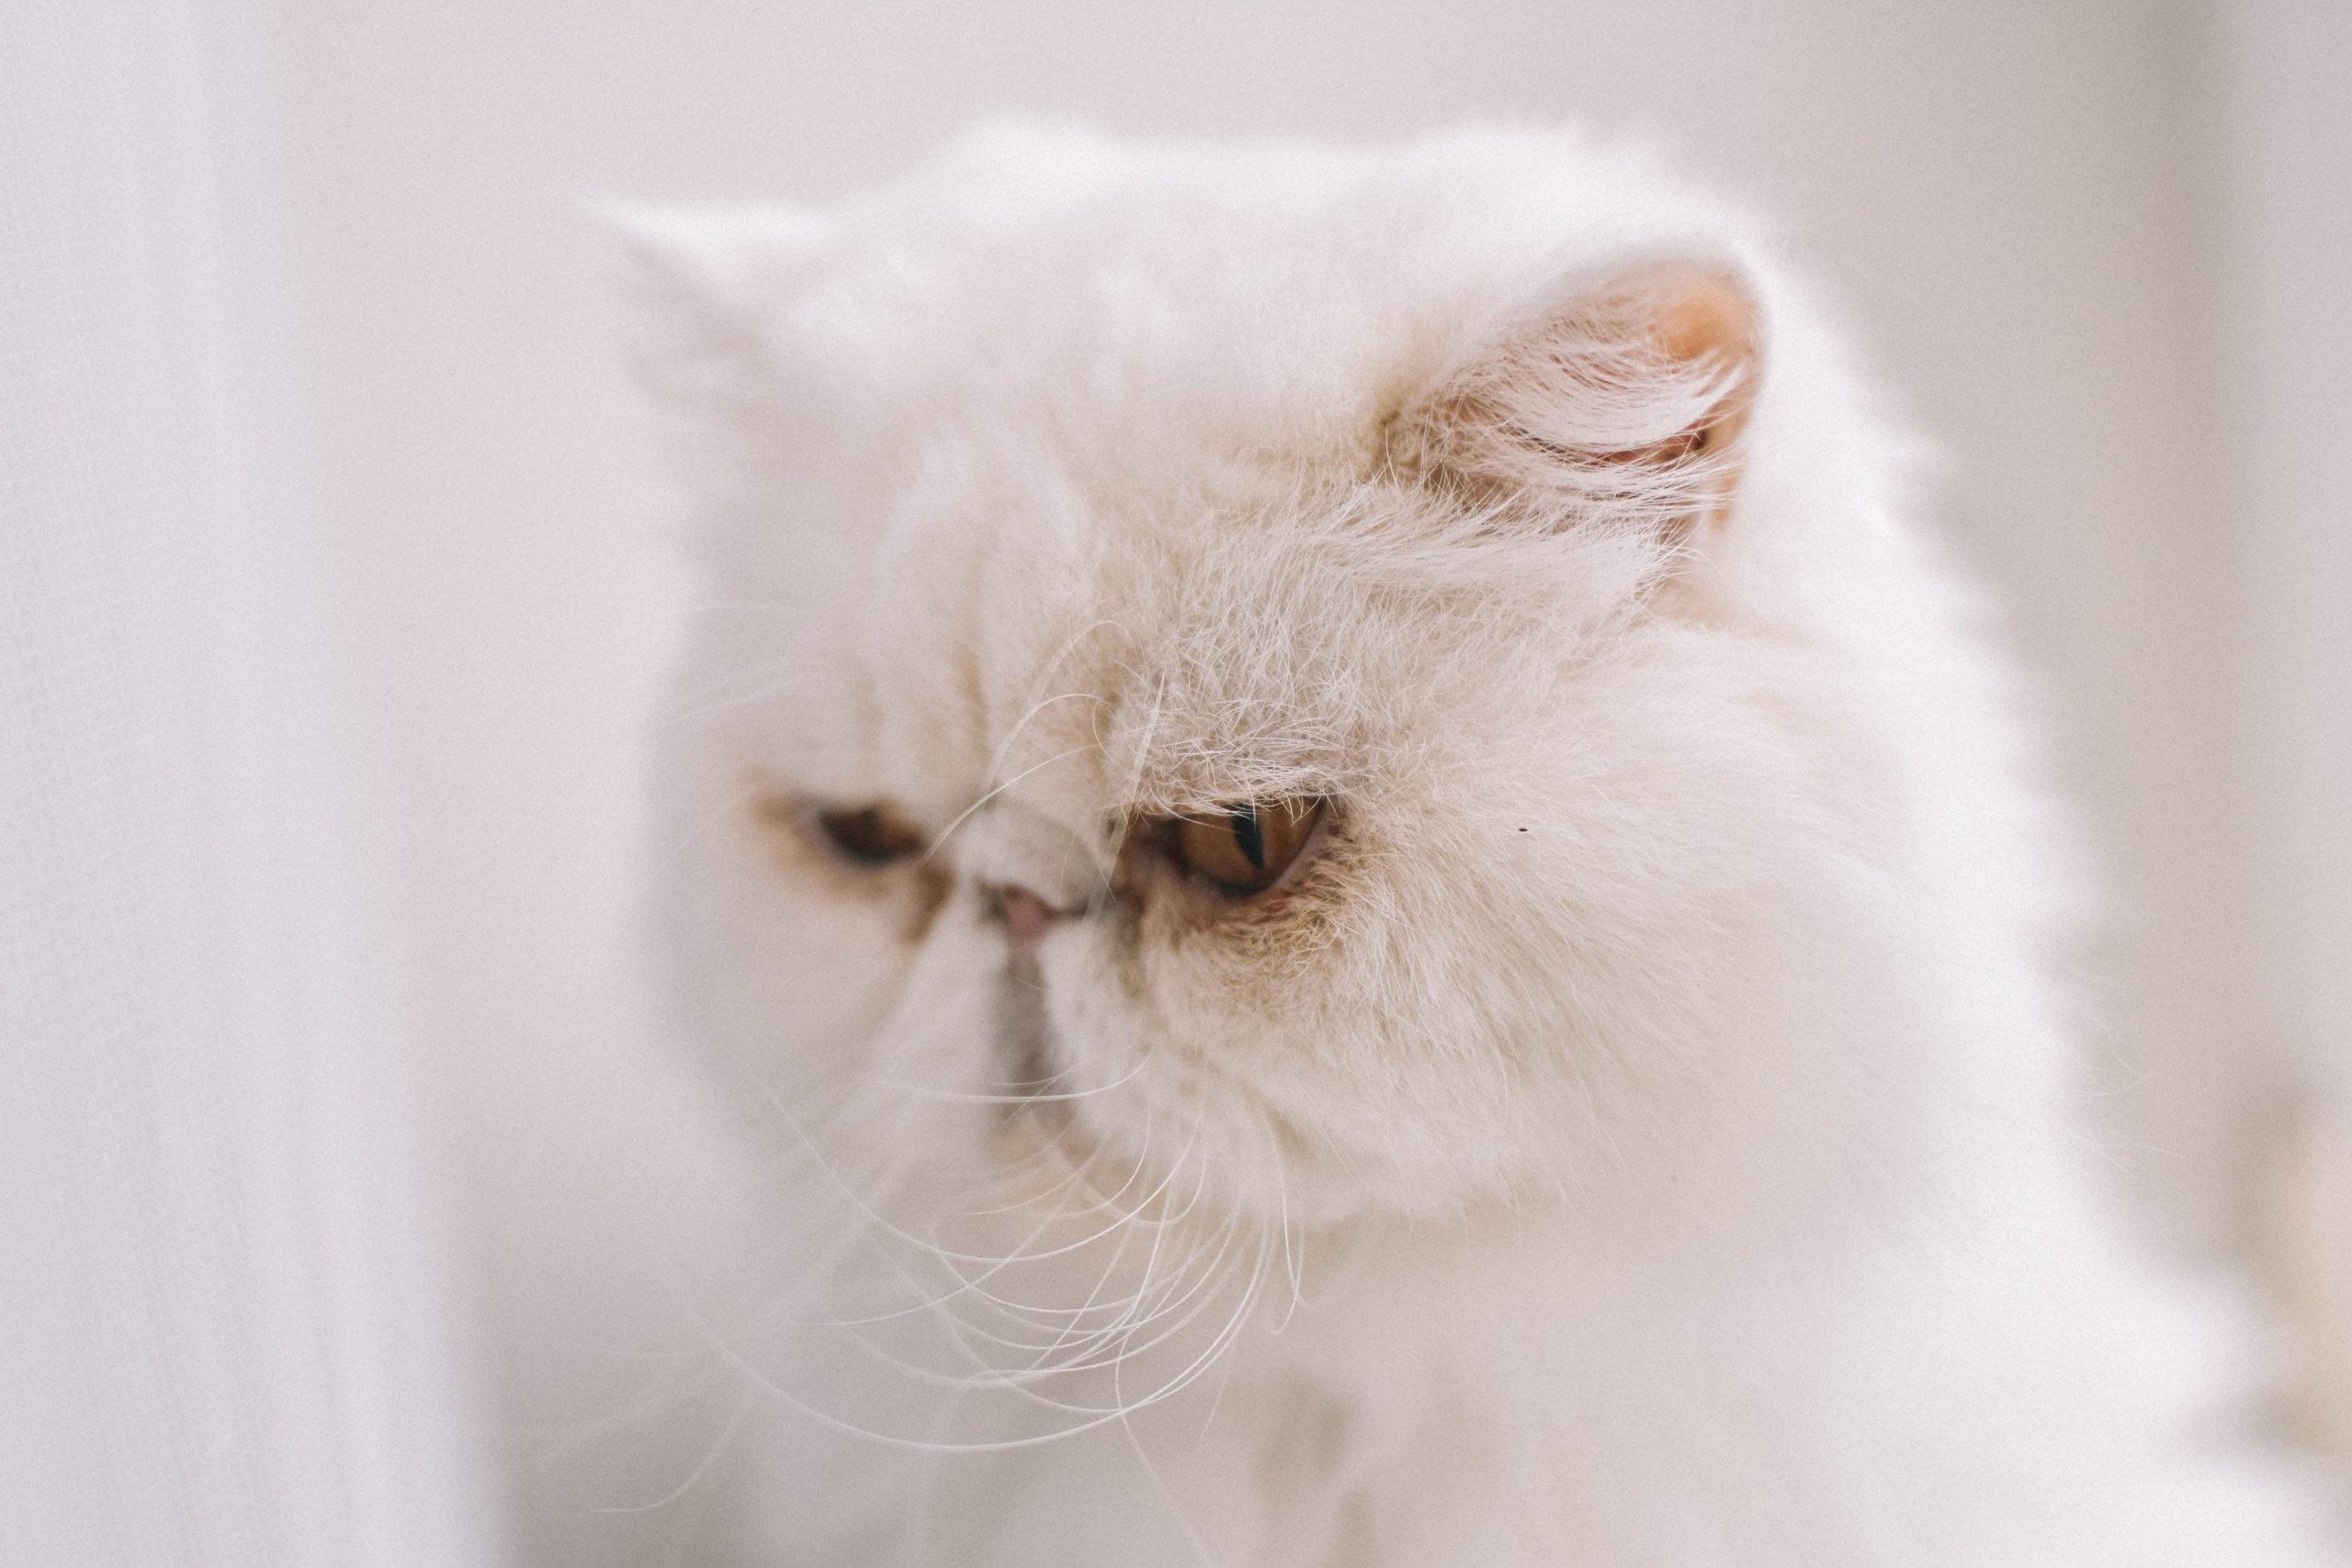 Enfermedad inflamatoria intestinal en gatos (EII): síntomas y tratamiento 1